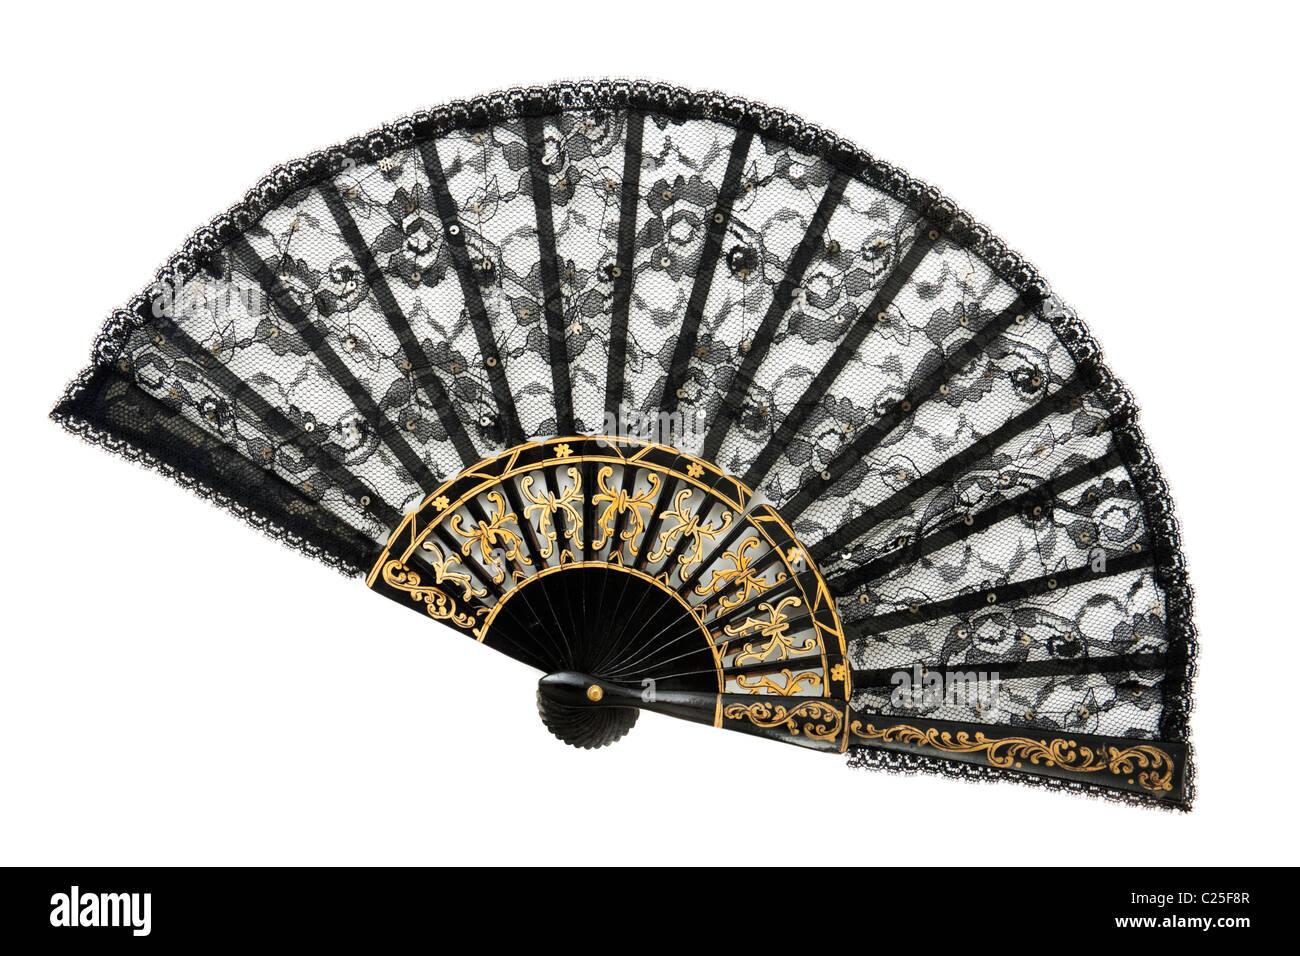 Antiquariato in legno in stile vittoriano & pizzo nero ladies ventola con decorazioni in oro Immagini Stock